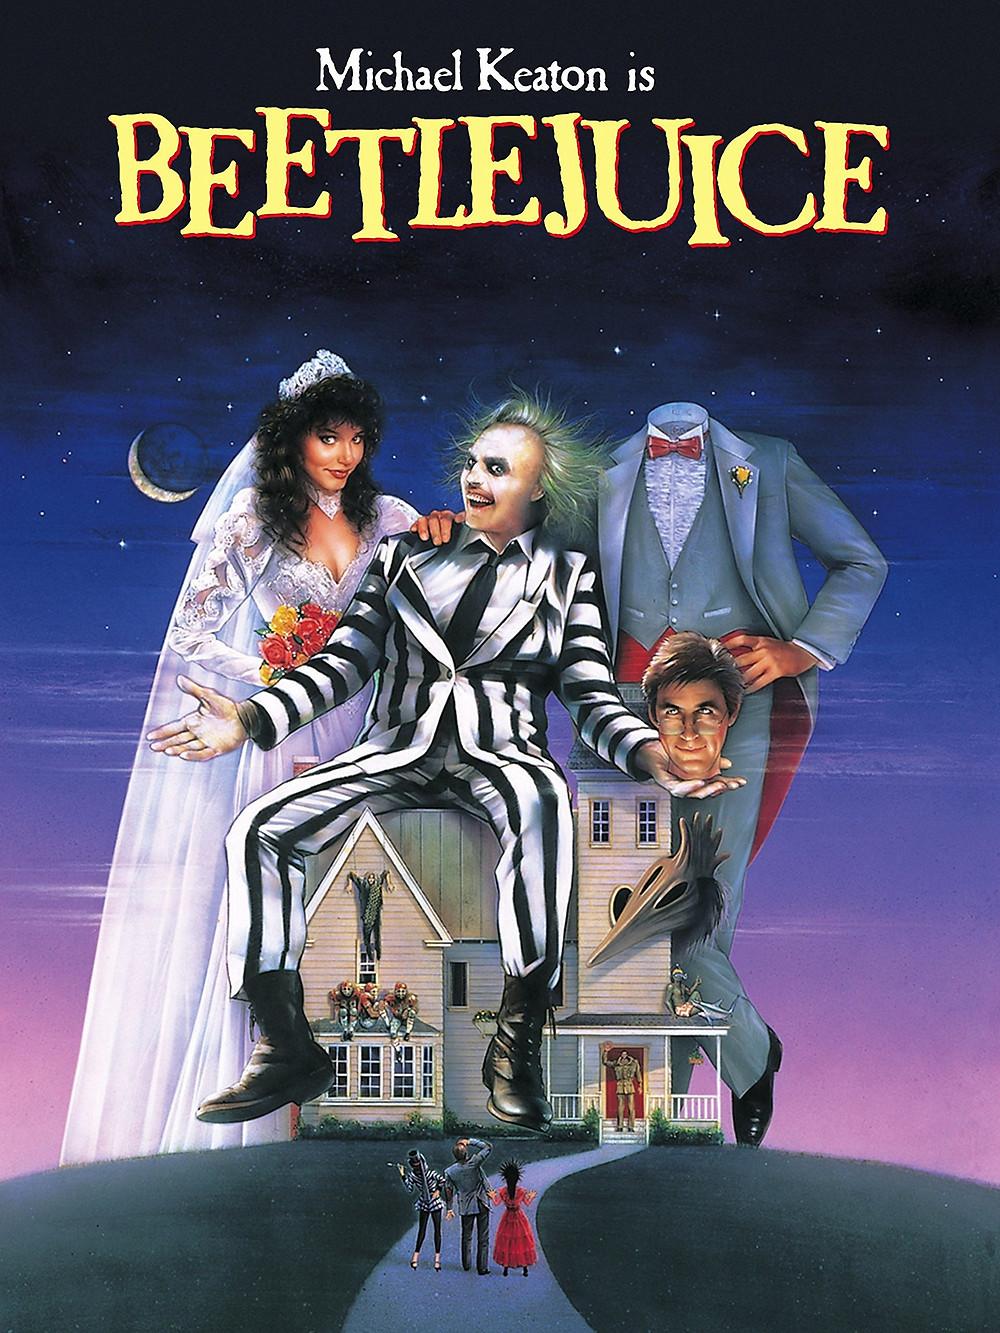 Tim Burton Beetlejuice sequel not happening